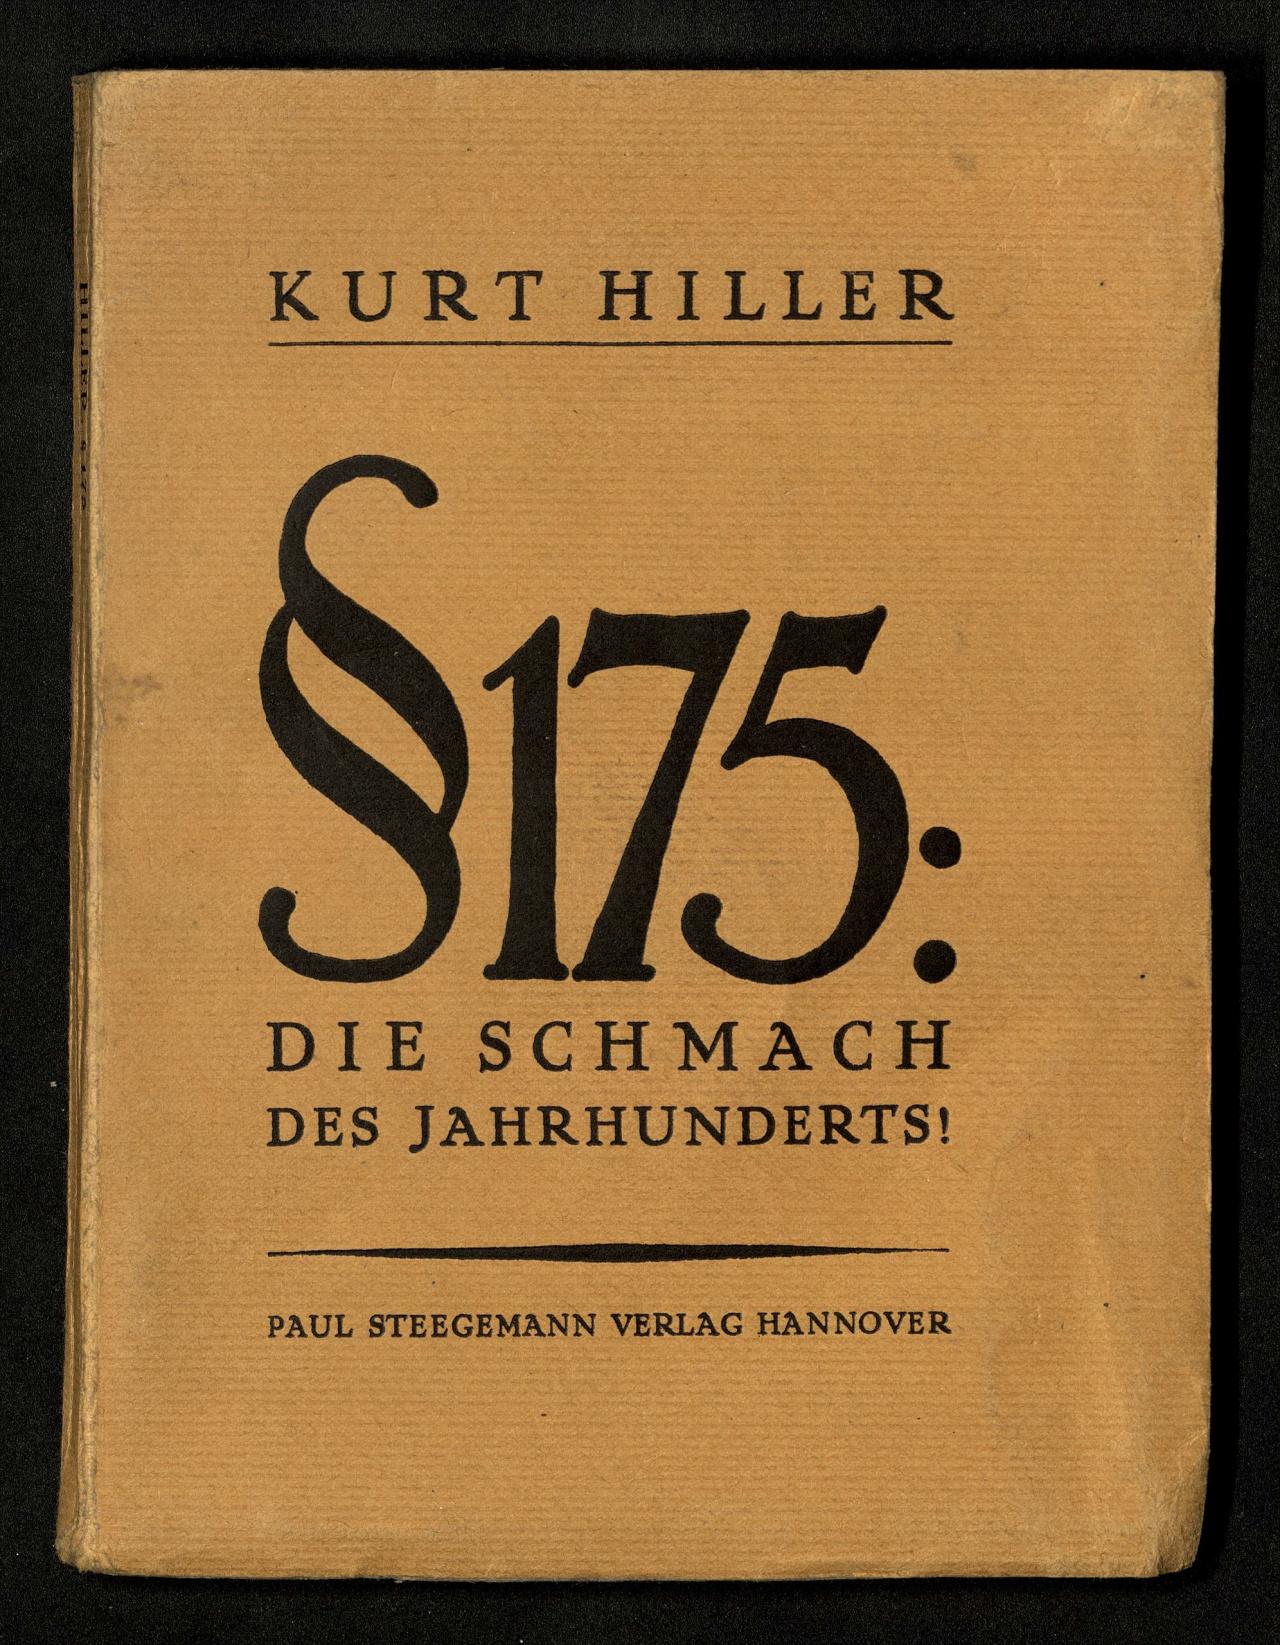 Kurt Hiller: § 175: Die Schmach des Jahrhunder...